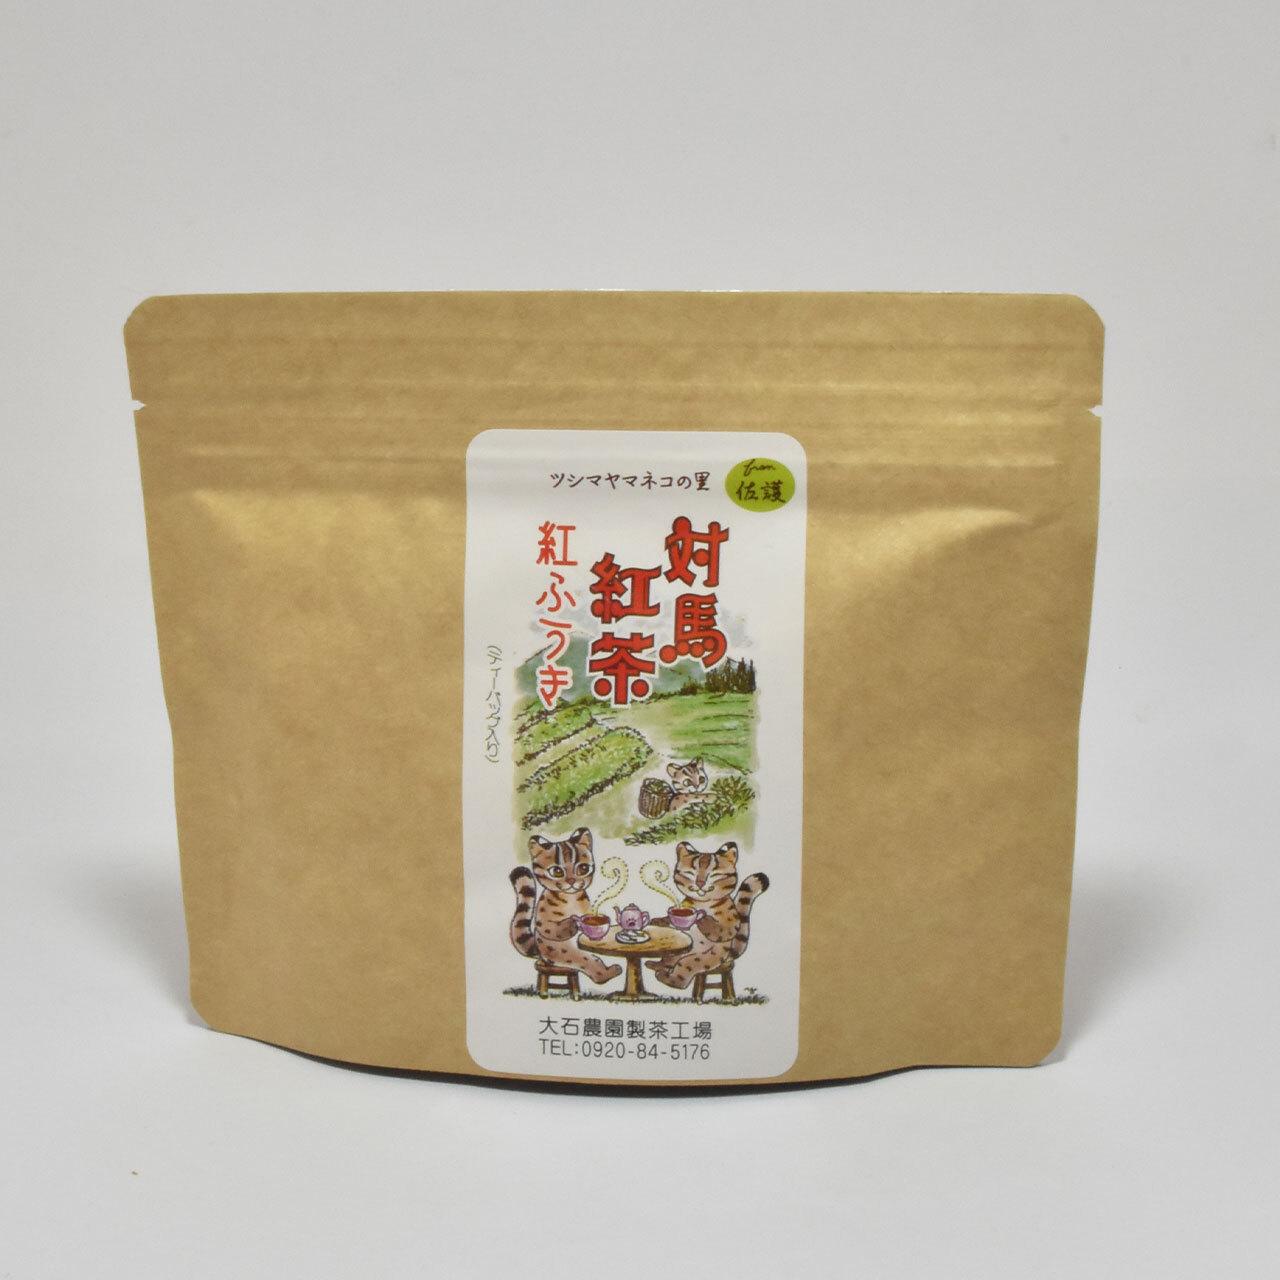 対馬産べにふうき紅茶(ティーバッグ20)